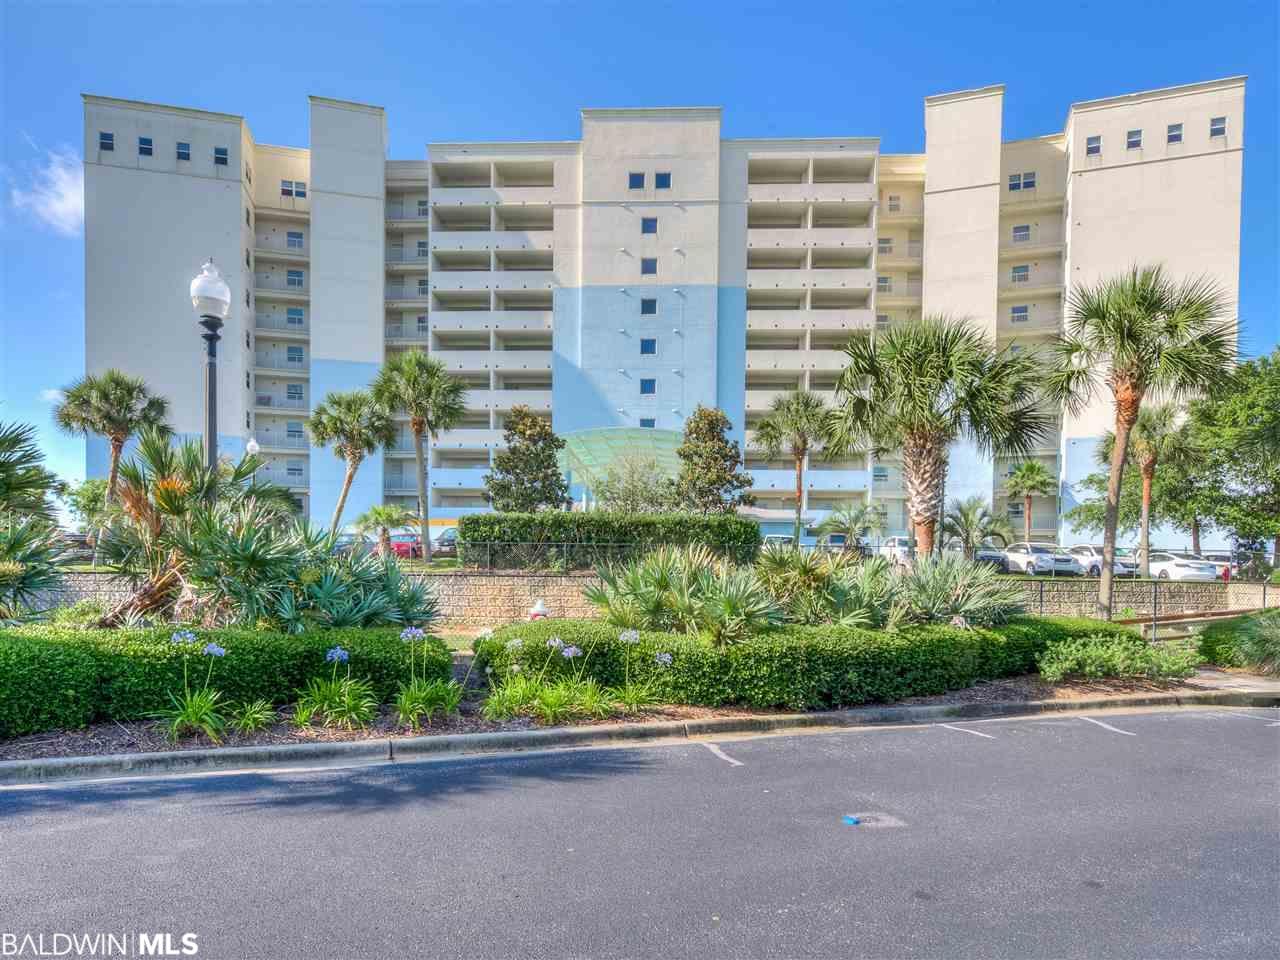 154 Ethel Wingate Dr Pensacola, FL 32507